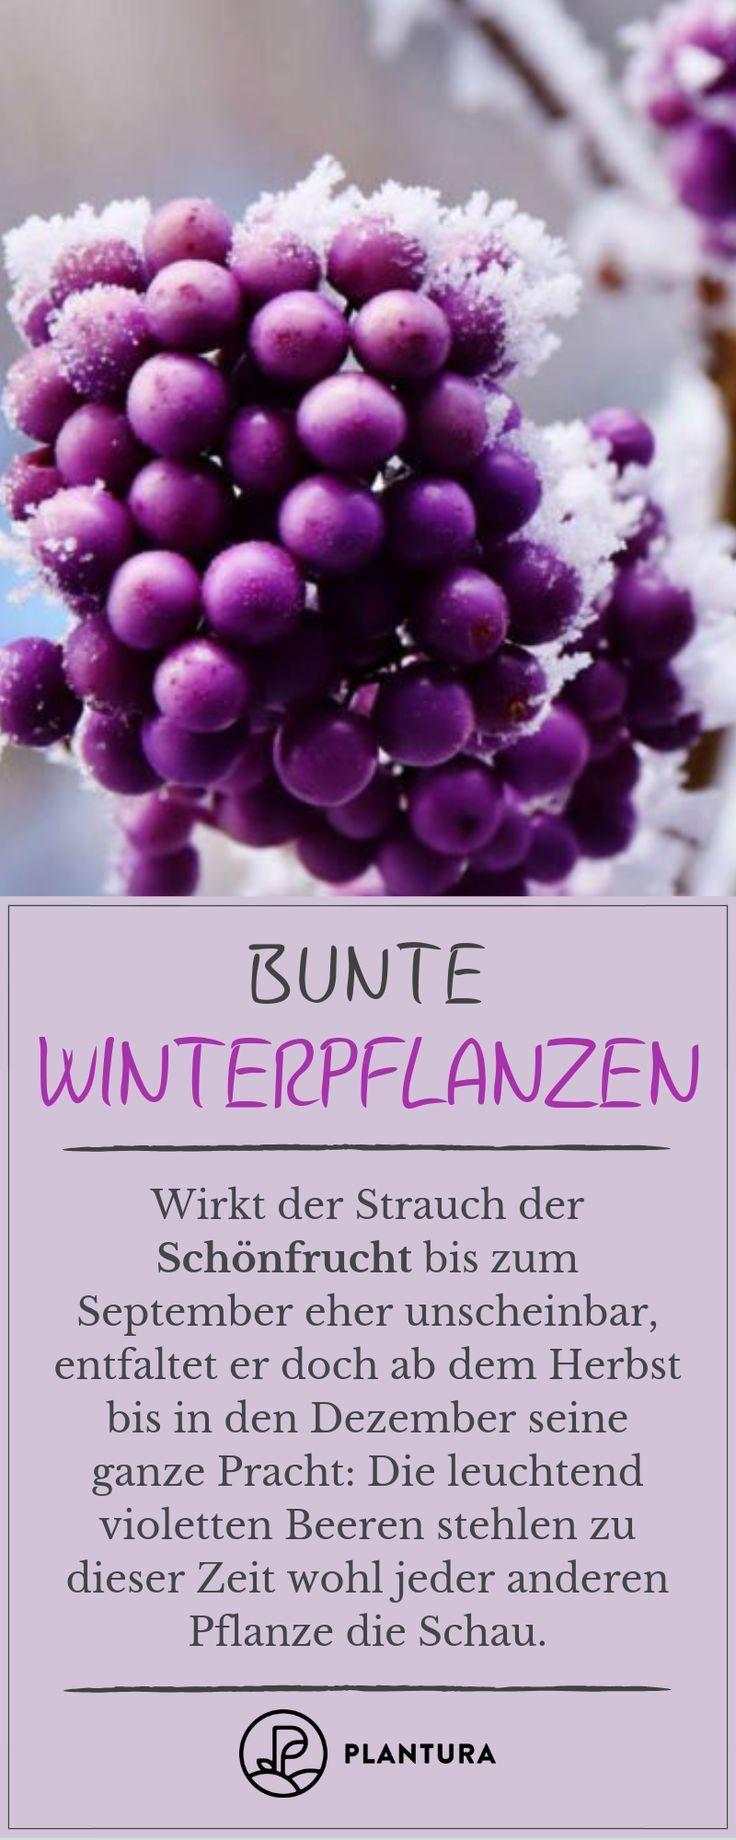 Bunte Pflanzen im Winter: Die 10 schönsten Arten für Ihren Garten – PflanzenTanzen